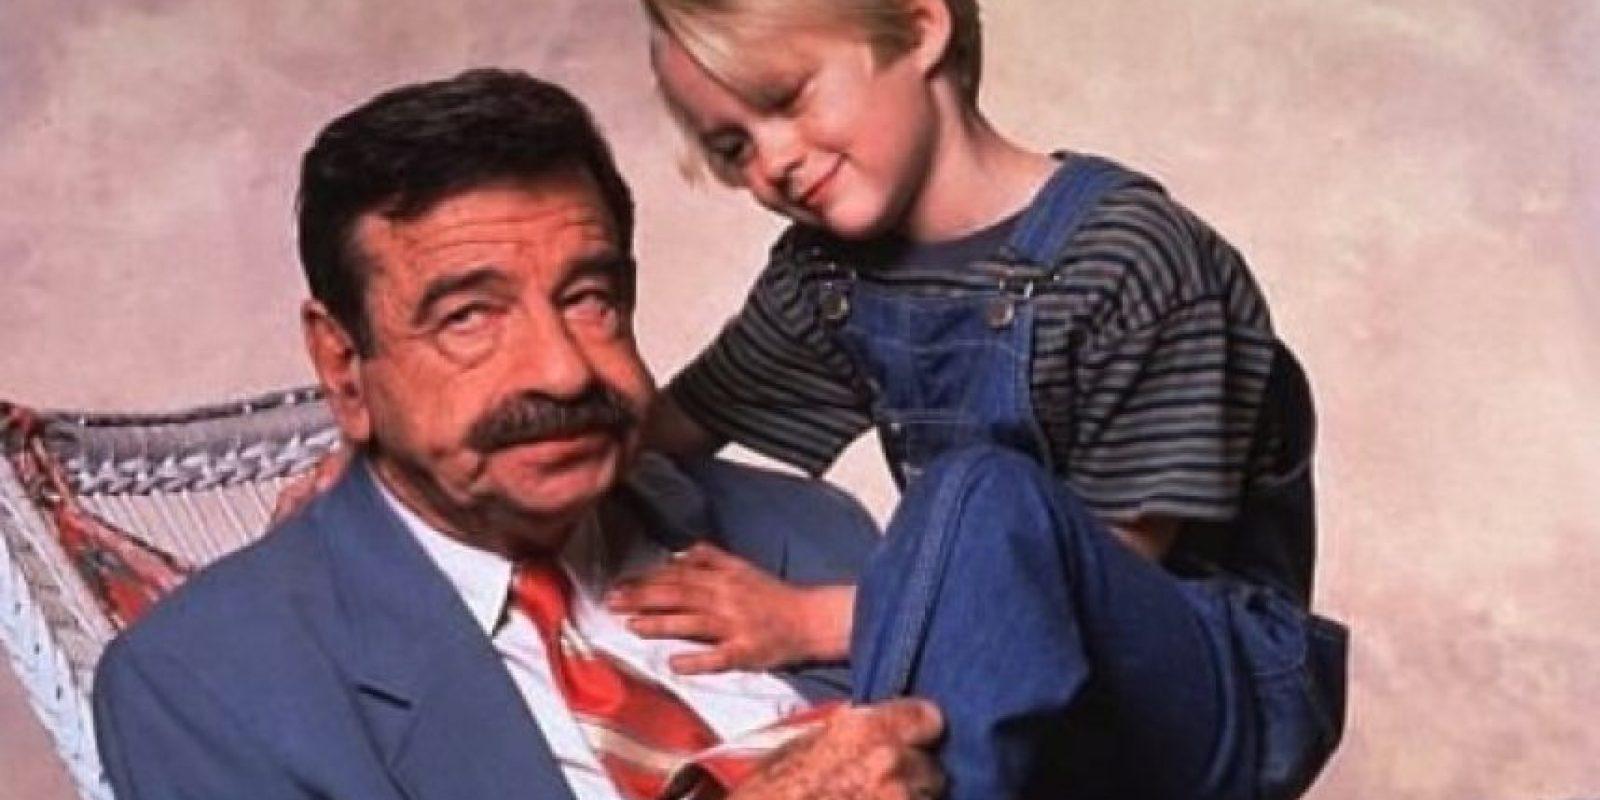 El actor falleció el primero de julio del año 2000, debido a un infarto. Foto:IMDB